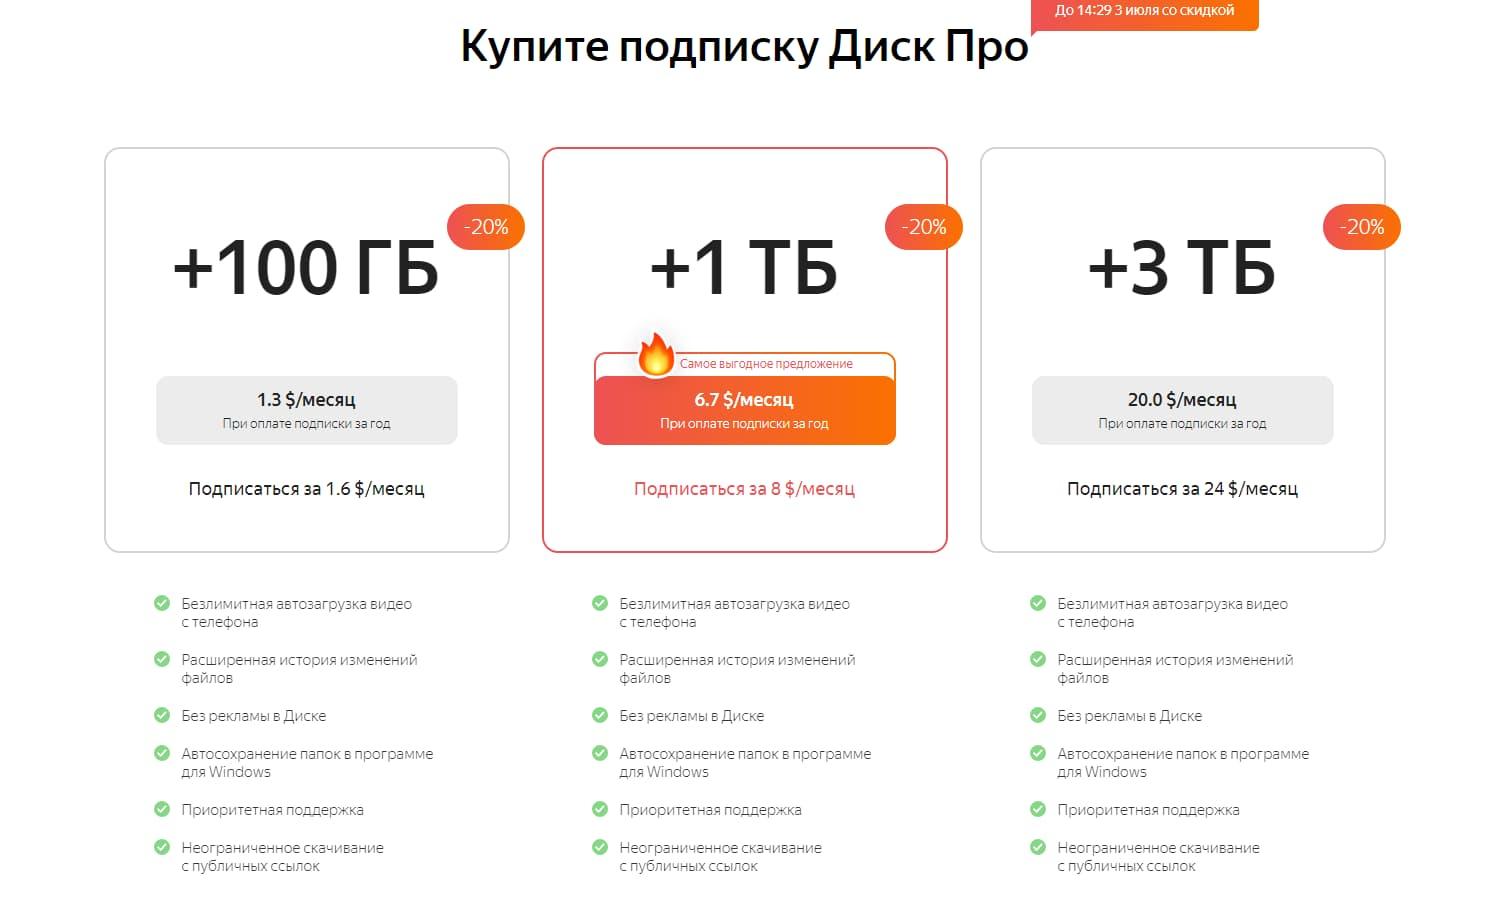 Как начать использовать Яндекс.Диск шаг 3